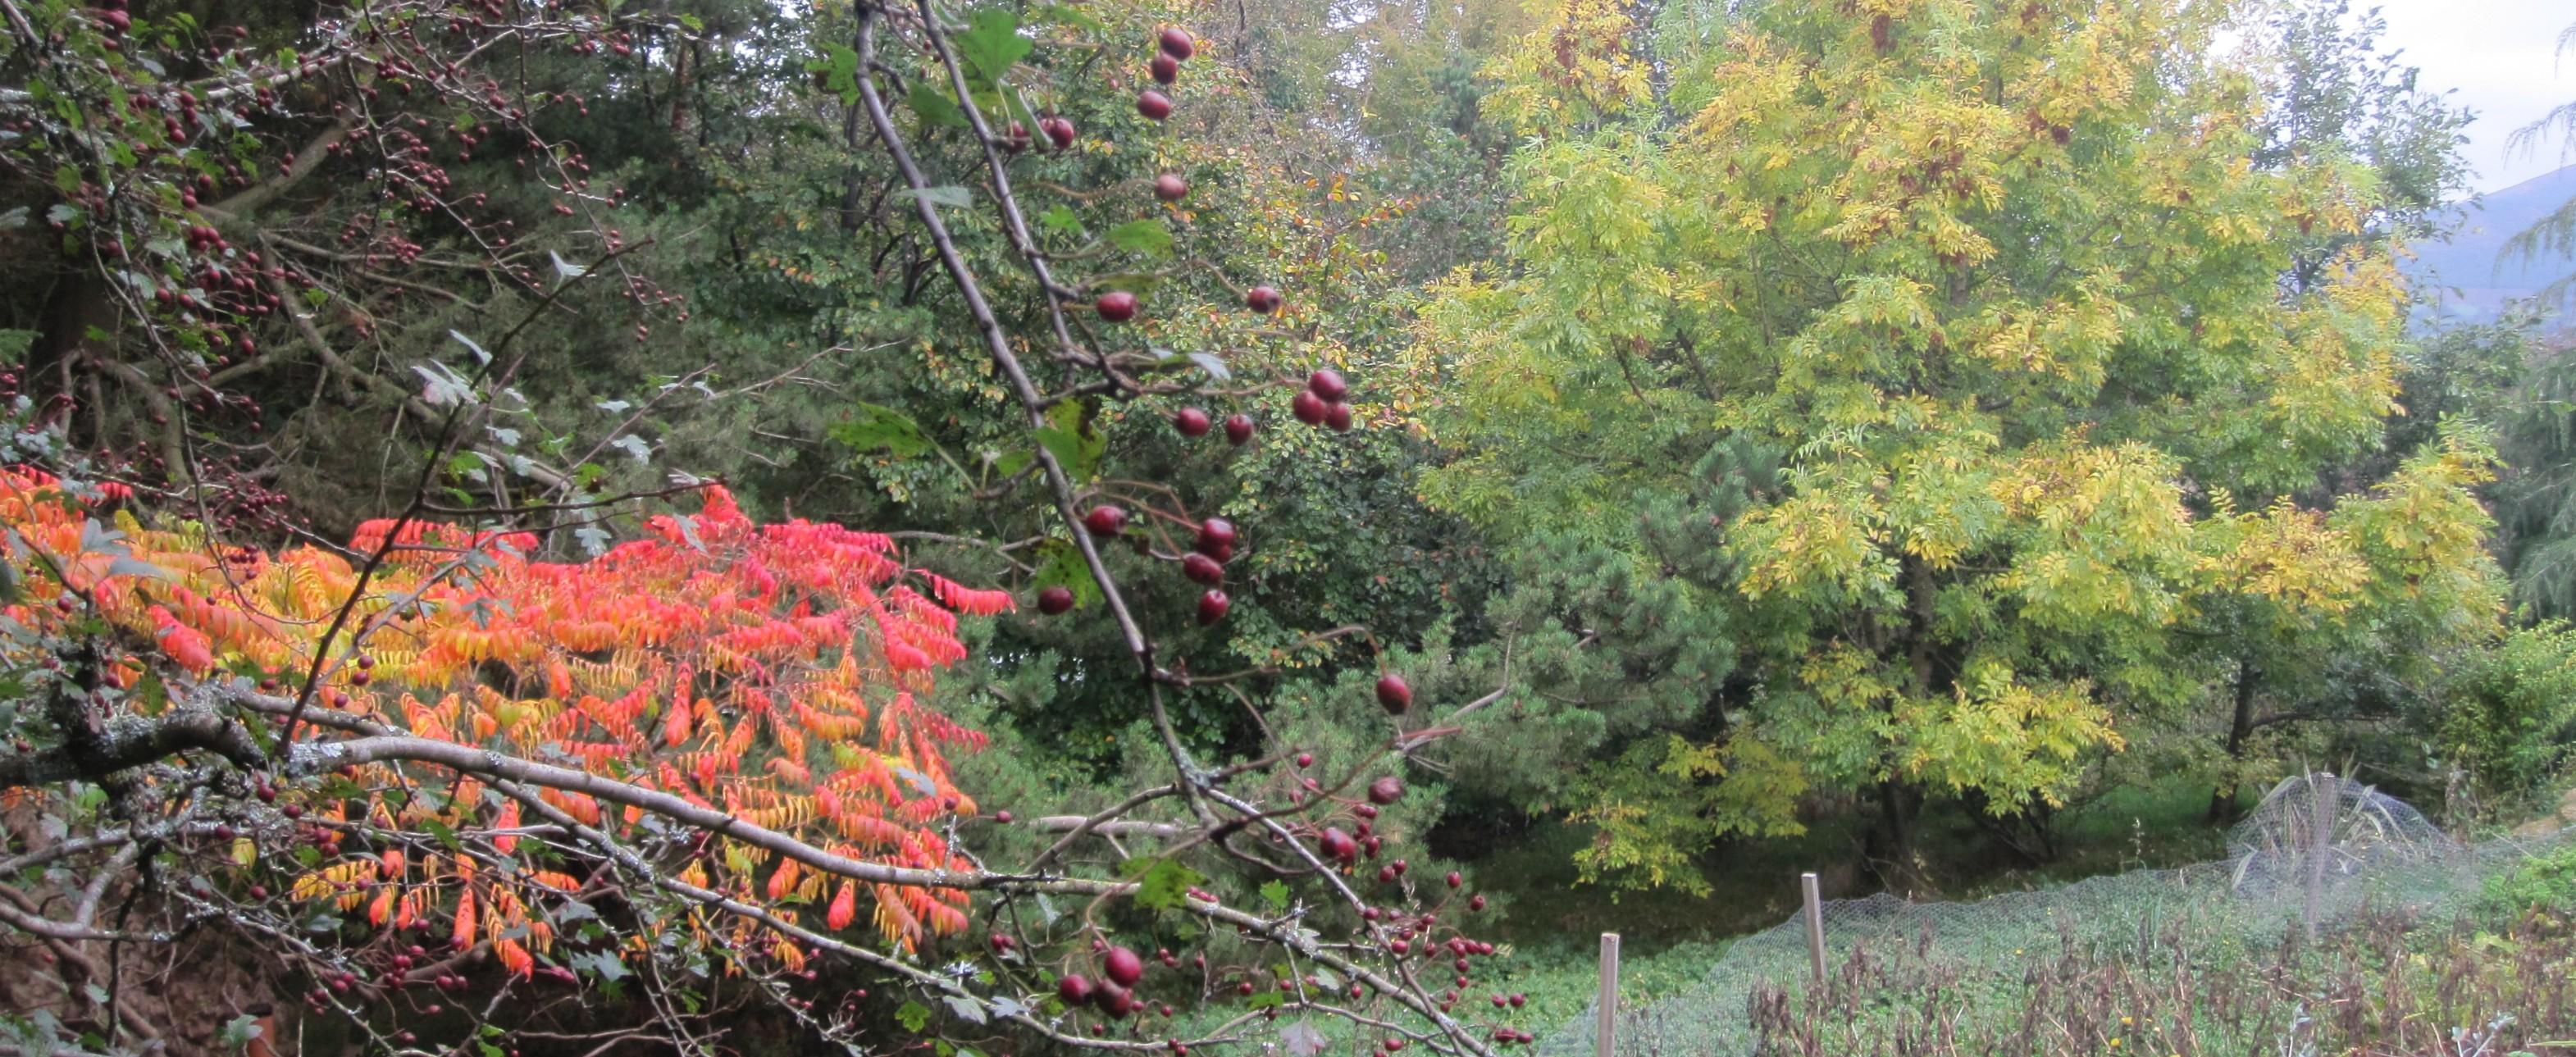 Autumn in Glen of Imaal